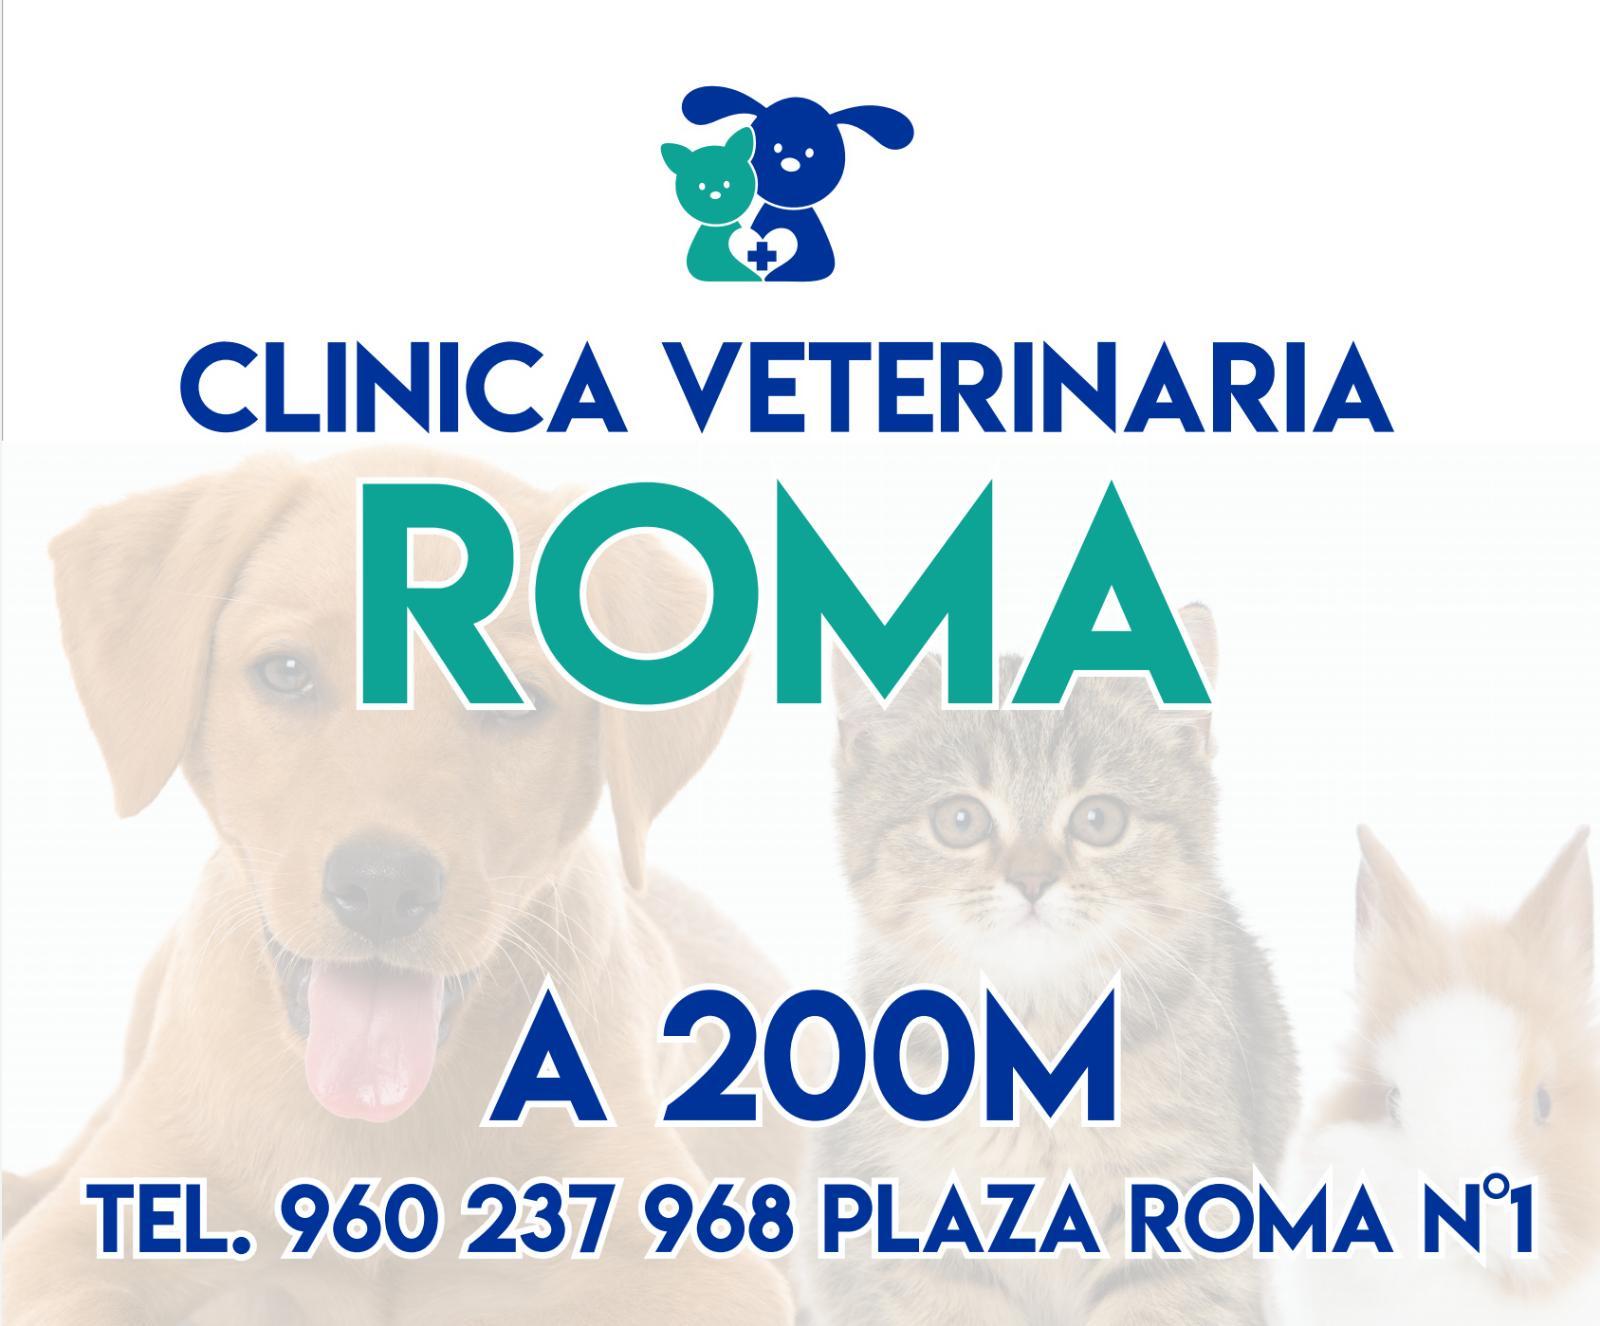 CLÍNICA VETERINARIA ROMA